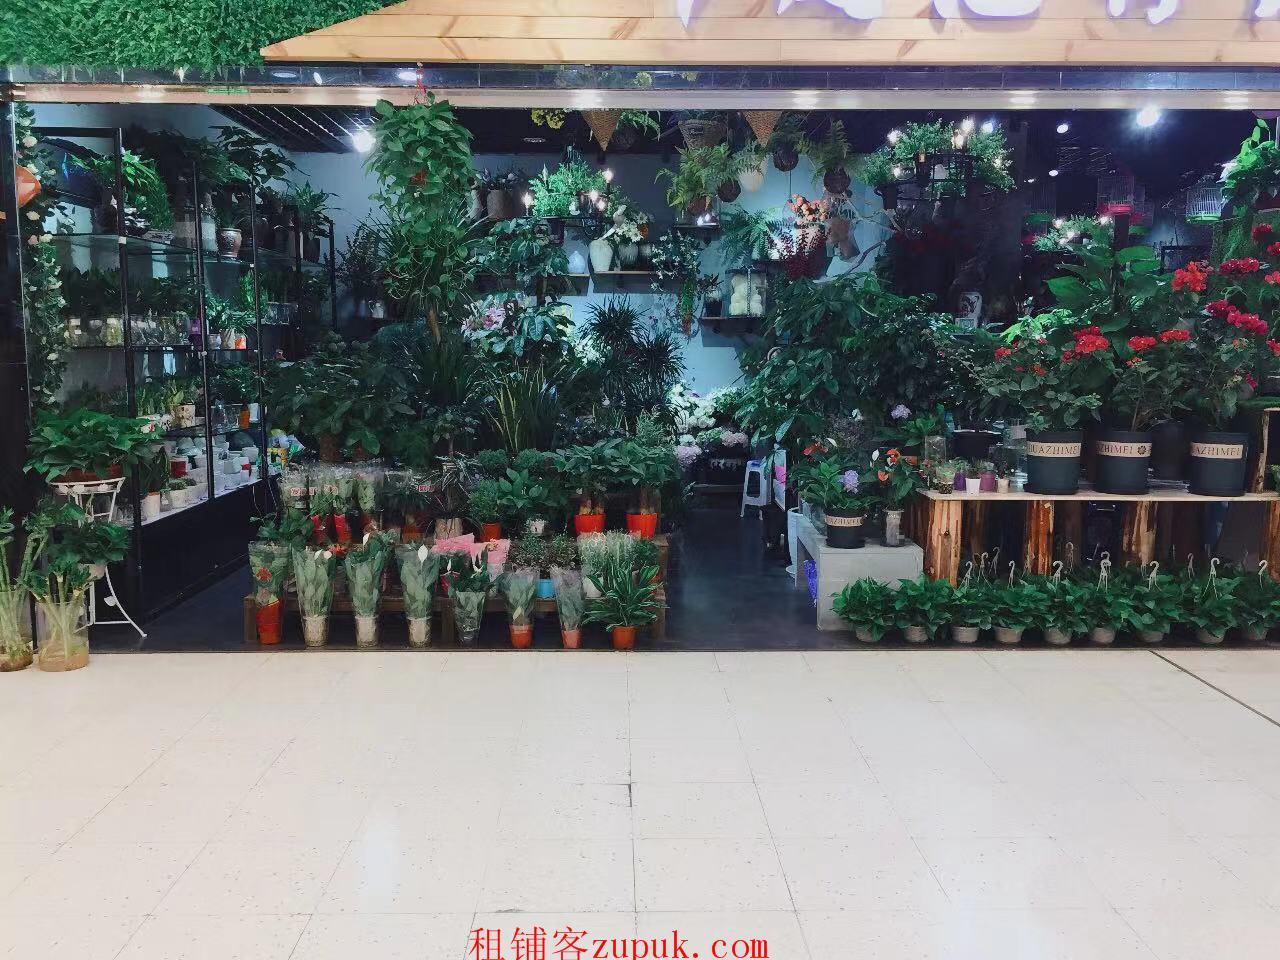 渝北鲜花店水族植物转让